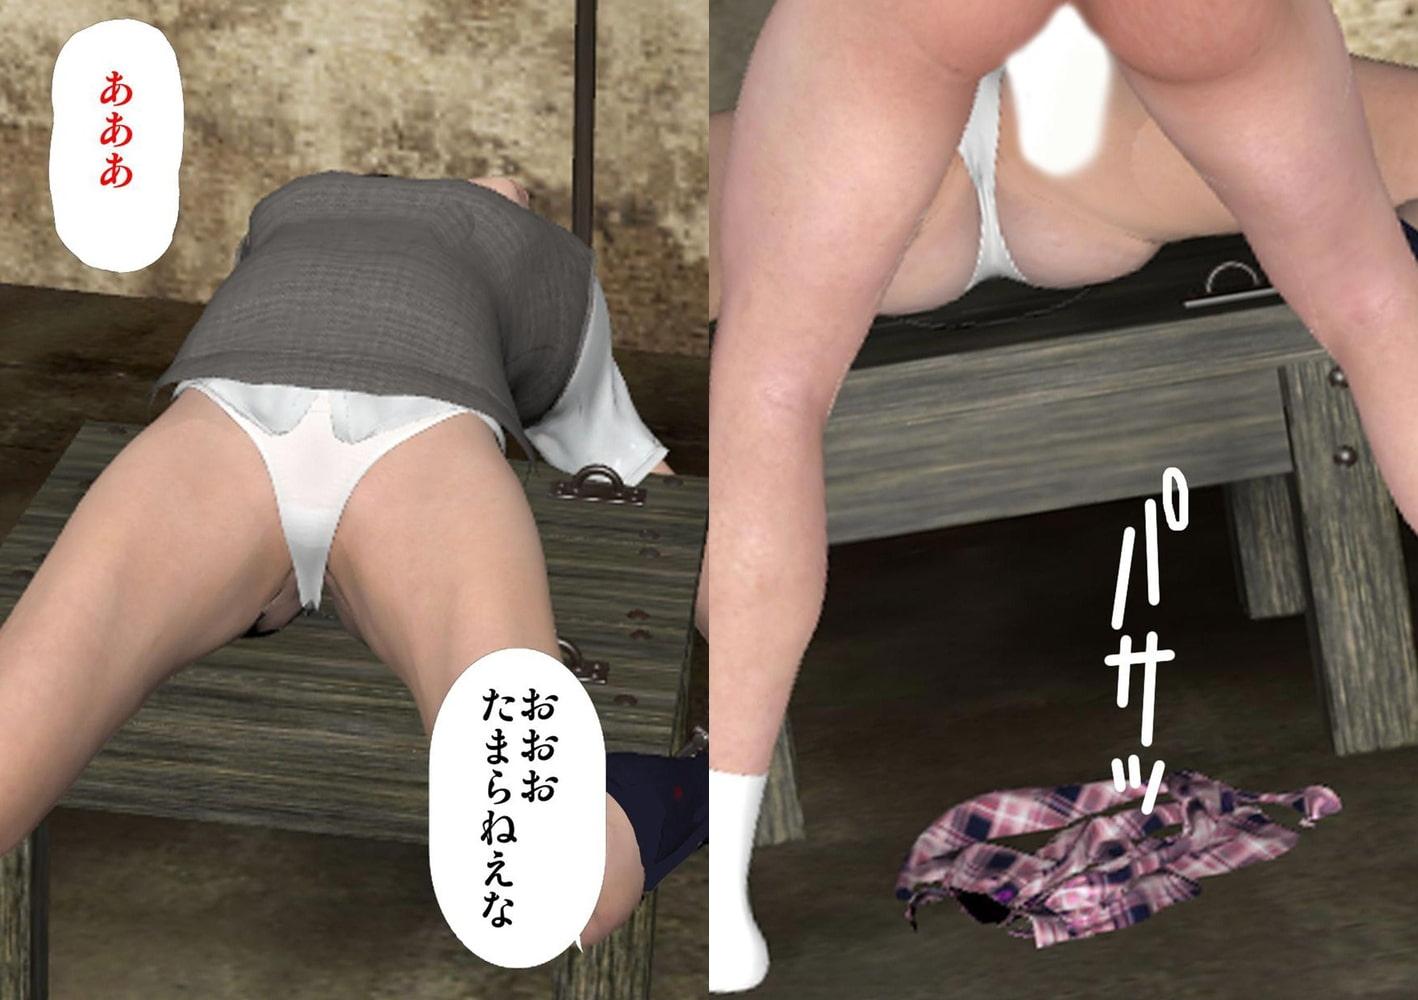 監禁 美少女飼育 2